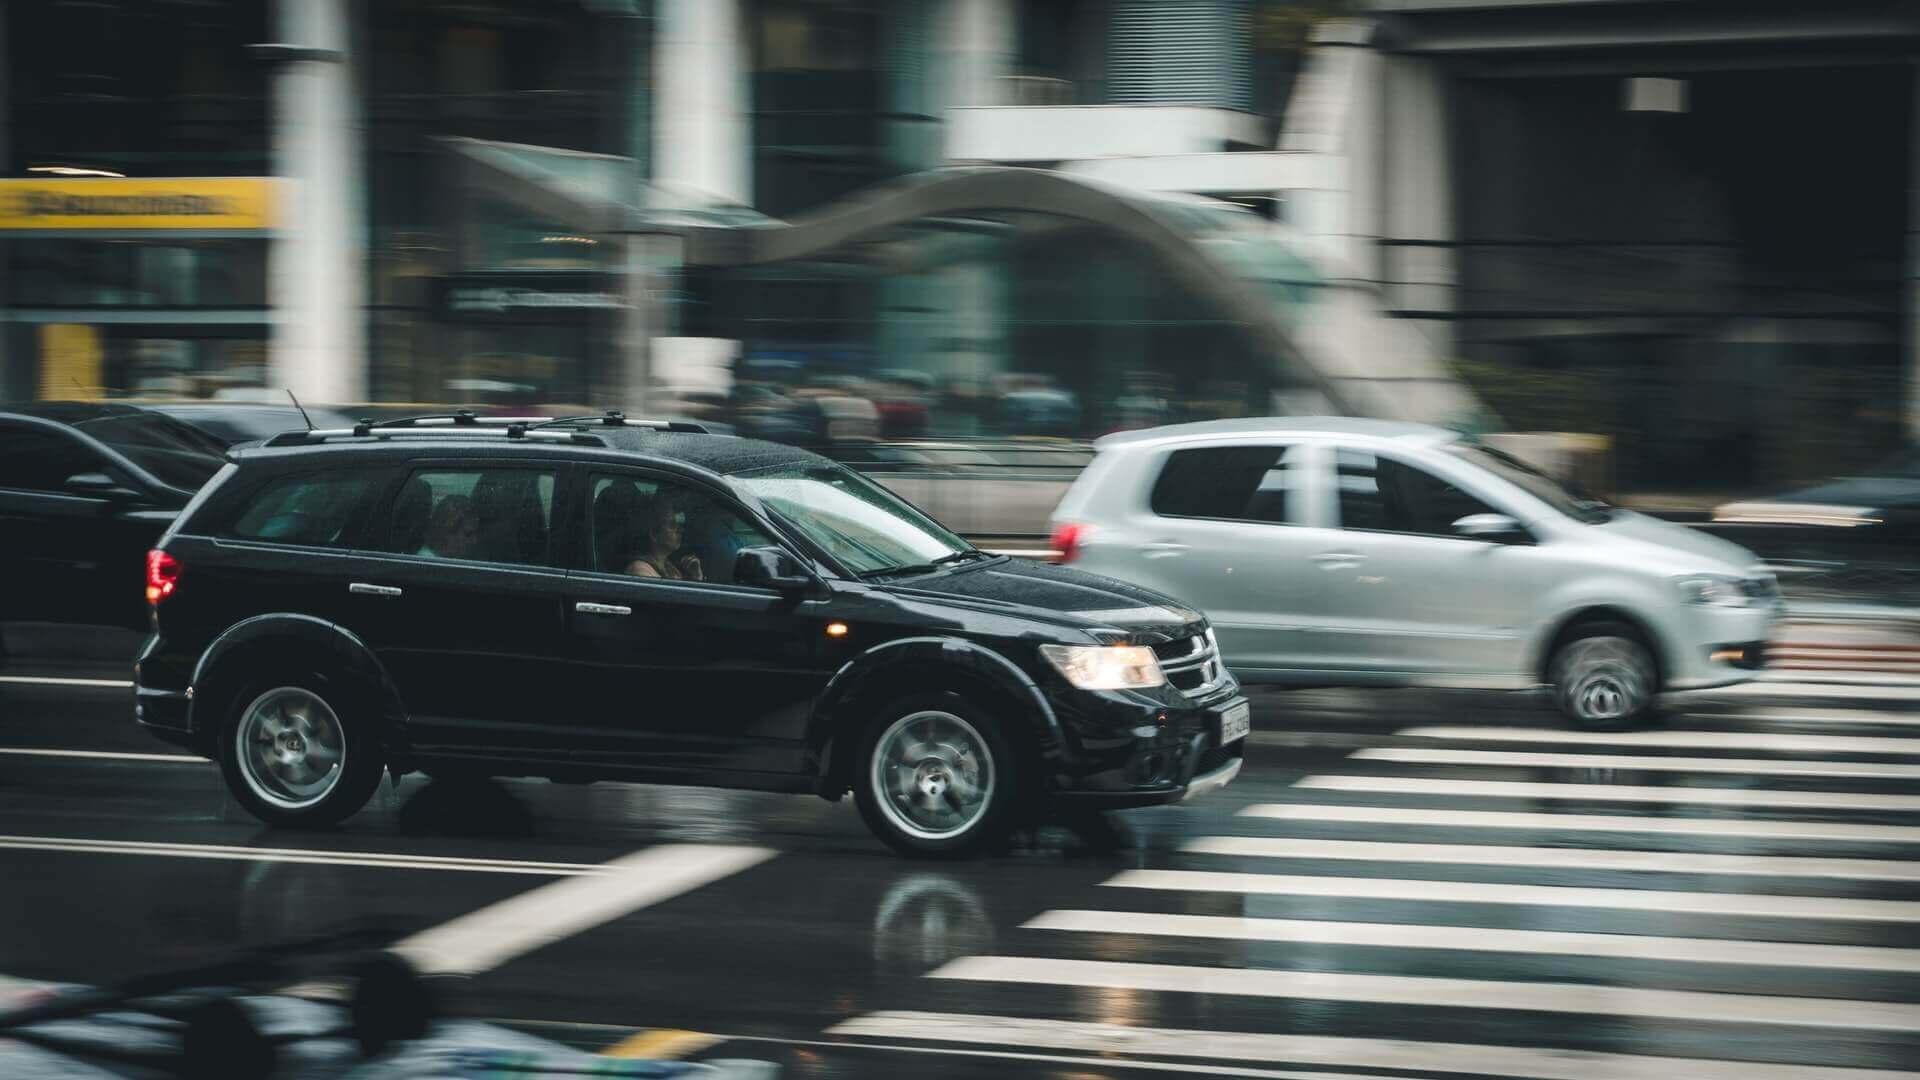 Długo oczekiwany globalny rejestr historii pojazdów jest już dostępny